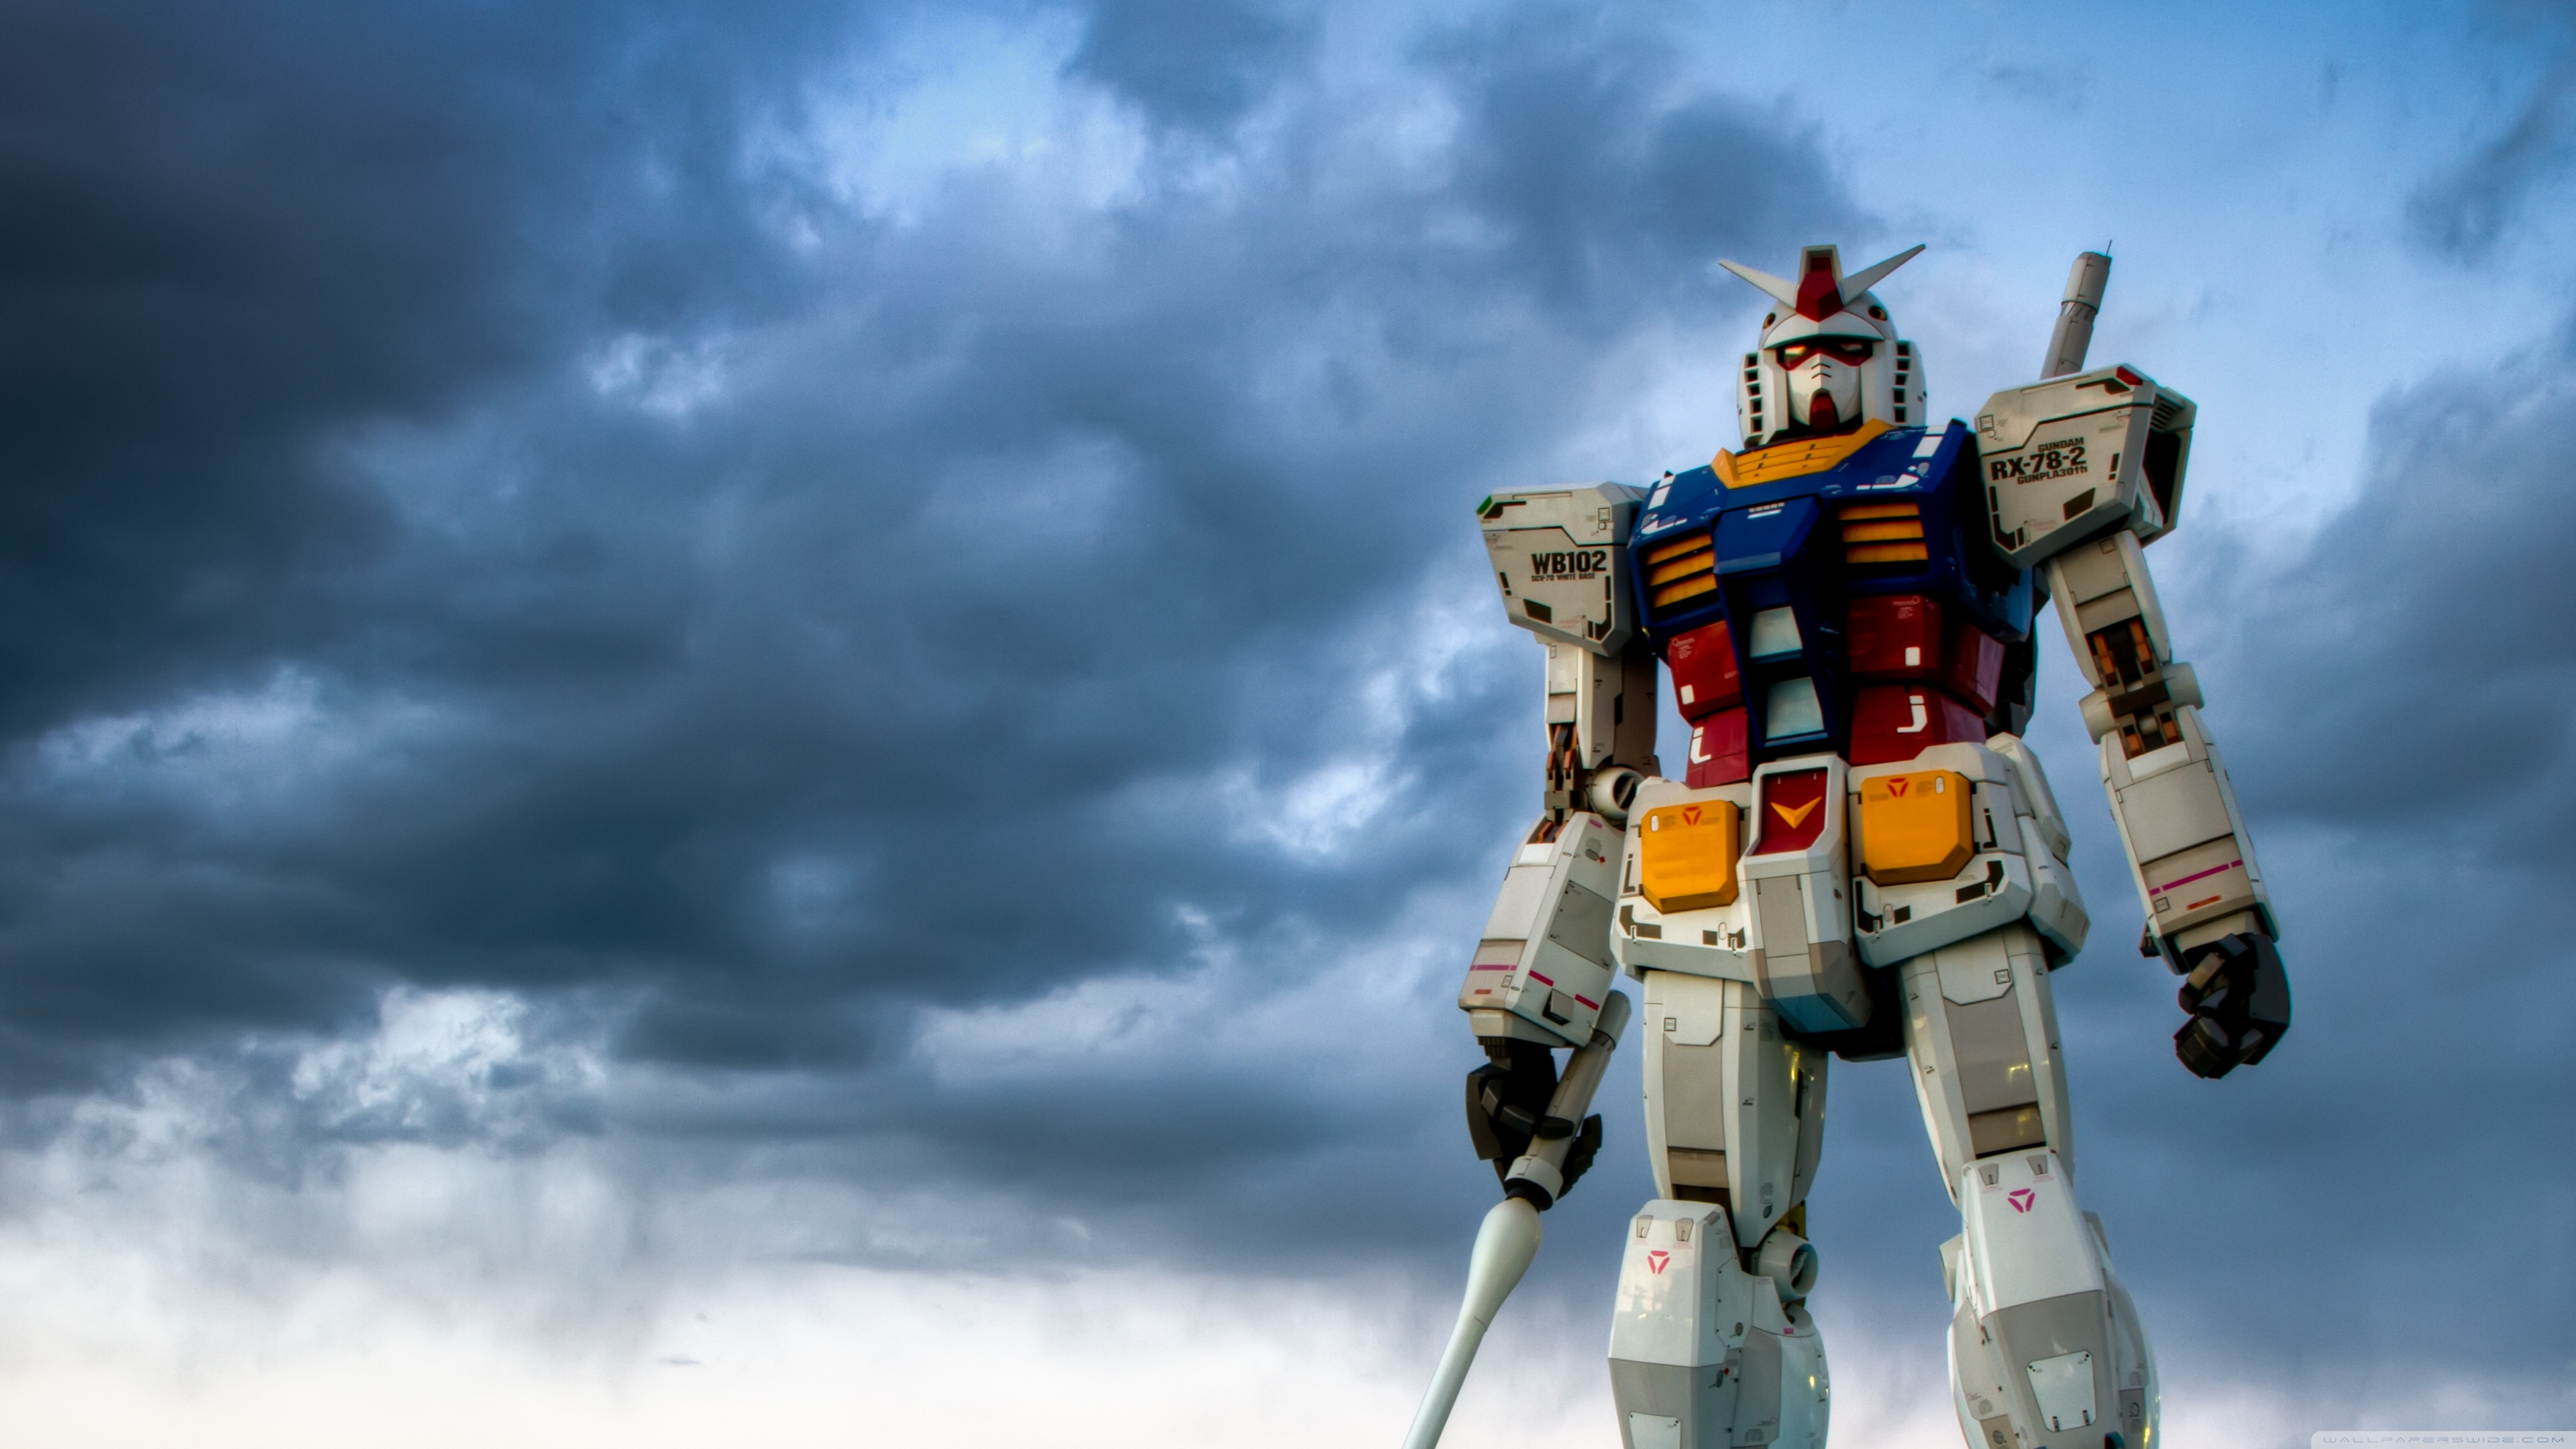 Gundam Odaiba 4K HD Desktop Wallpaper for 4K Ultra HD TV Wide 3840x2160